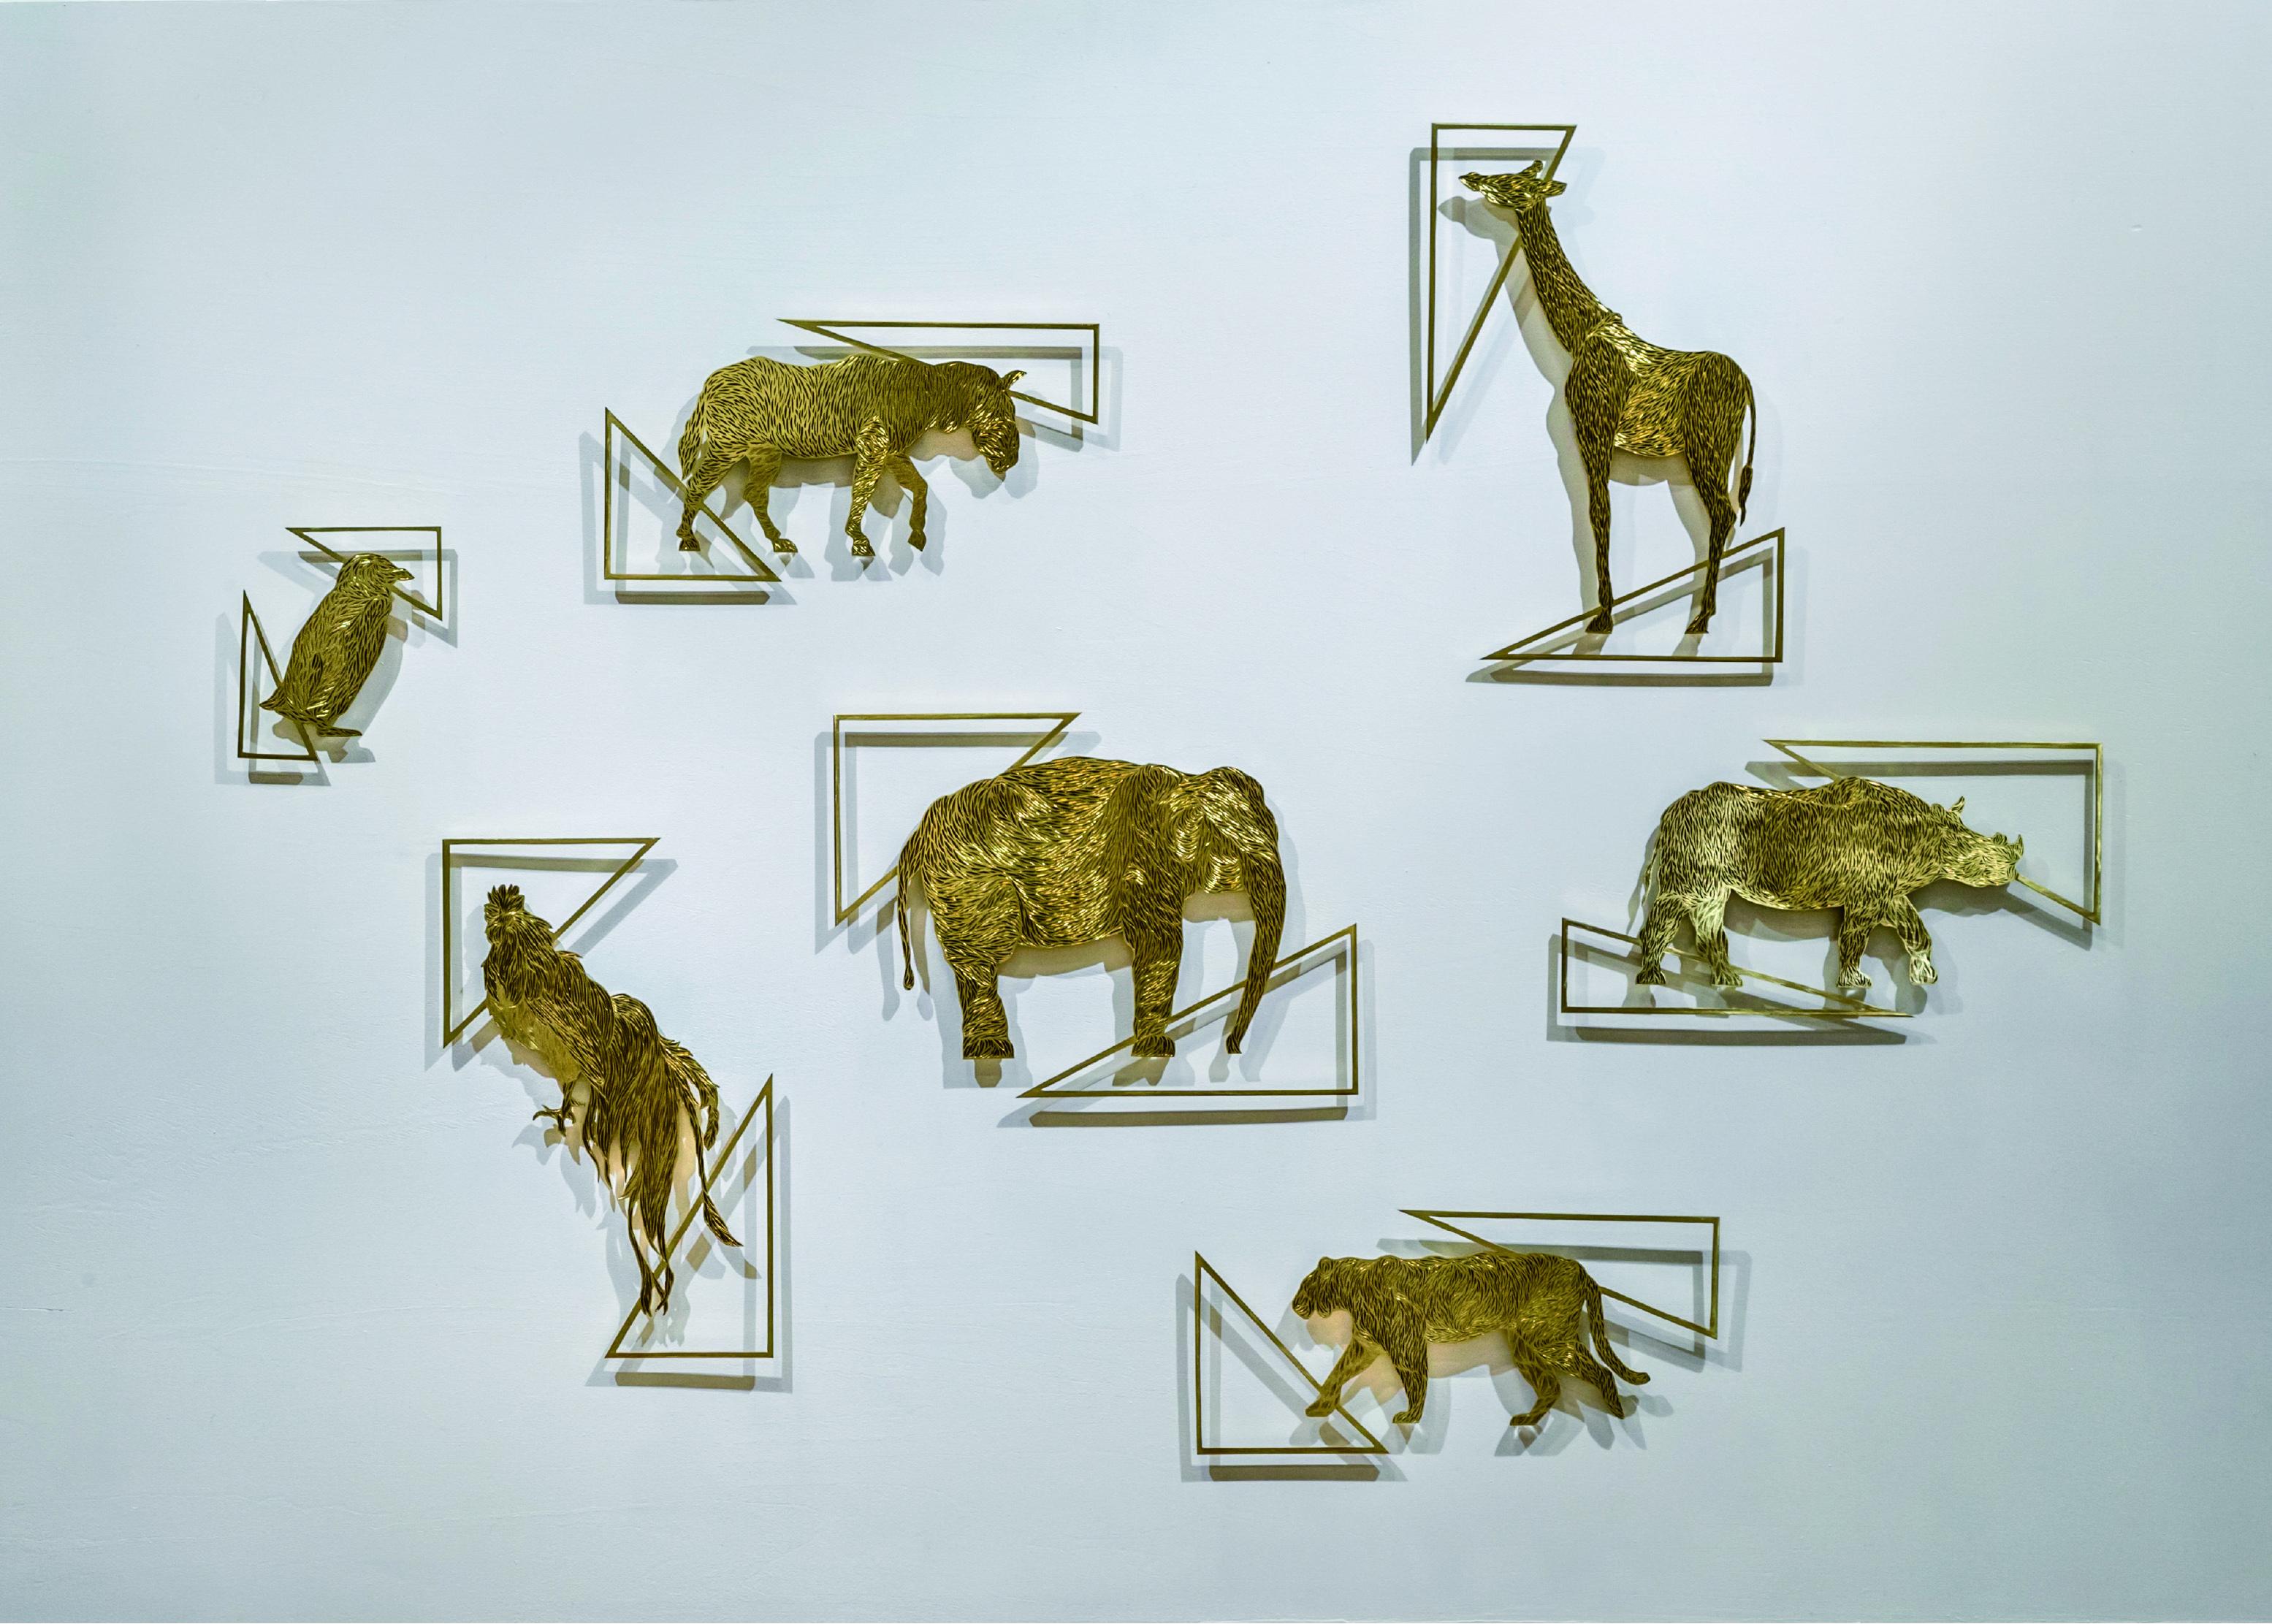 <p>あきびネット特別賞 </p> <p>「壁面動物園」</p> <p>片倉 朱梨 Katakura Akari<br /> (ものづくりデザイン専攻)</p> <p>大森山動物園の動物を基に、和彫(わぼり)で表現された煌めきは、制作を重ねるごとに上達していき、滑らかさと輝きを増している。そこには若者のみずみずしい成長の時間が刻まれている。この作品は西洋絵画の表現とは異なる、日本の装飾文化である彫金を学び、生活空間に「技が育まれる時間」と言う新たな装飾価値を提示する試みである。</p> <p>和彫りたがねによる彫金真鍮製壁掛け7点</p>